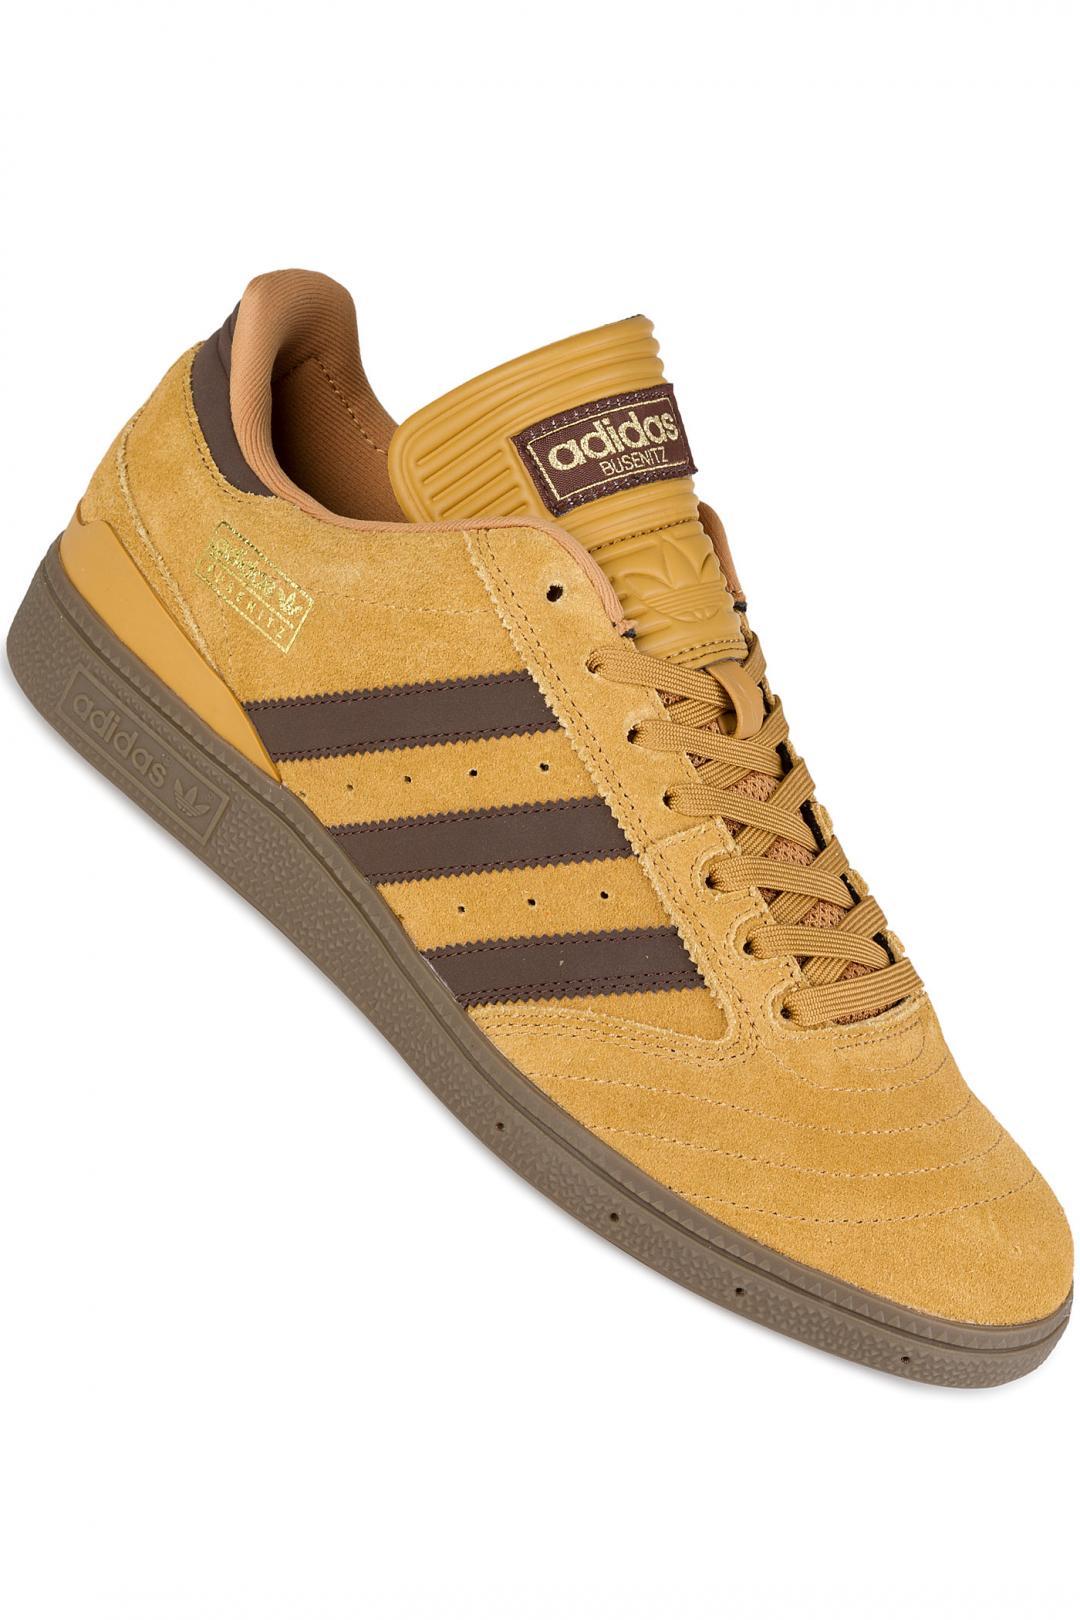 Uomo adidas Skateboarding Busenitz mesa brown gold | Sneaker